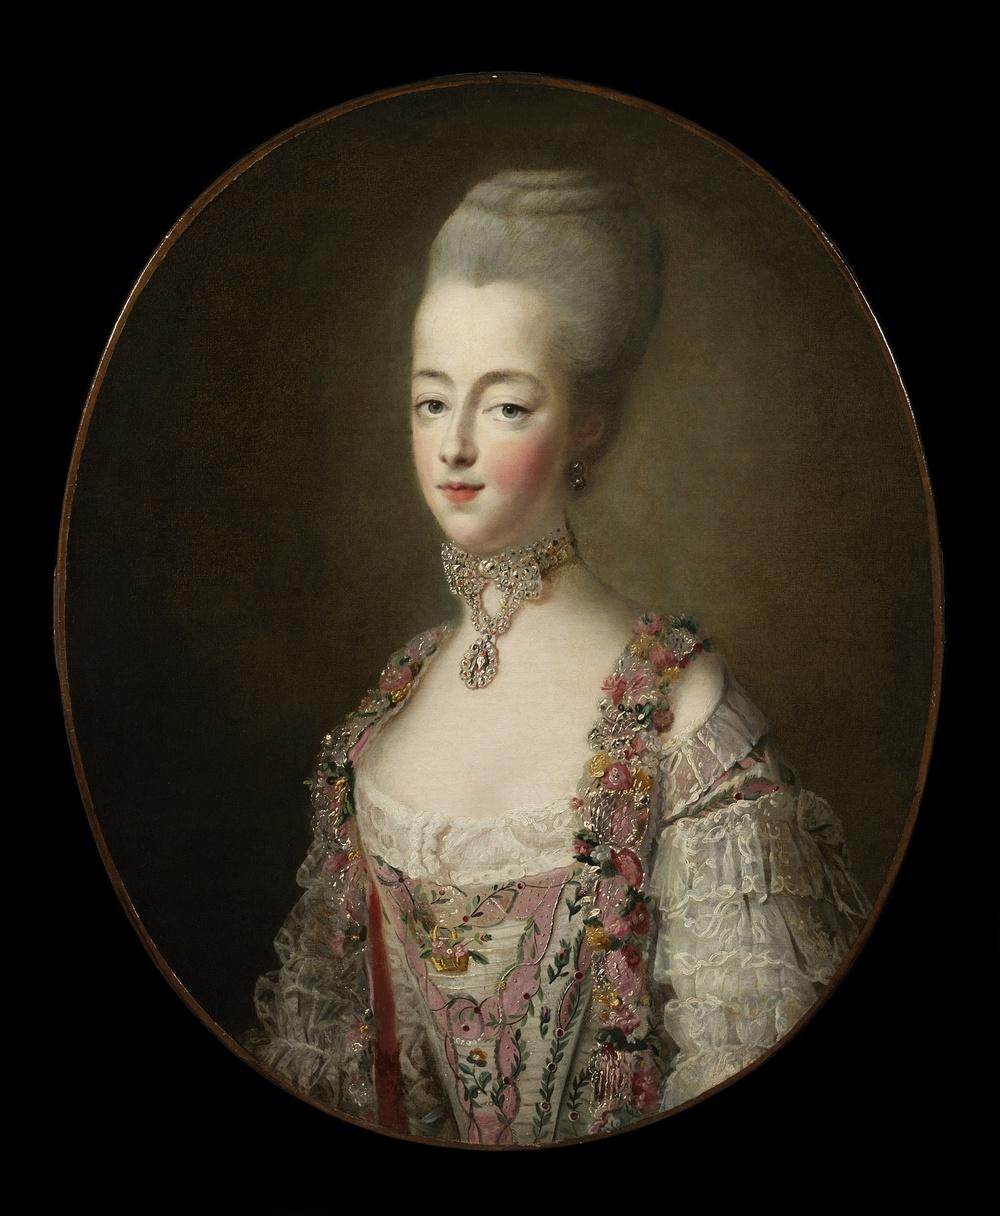 Dipinto di Drouais che ritrae Maria Antonietta Delfina nel 1773 7bf052c25d0